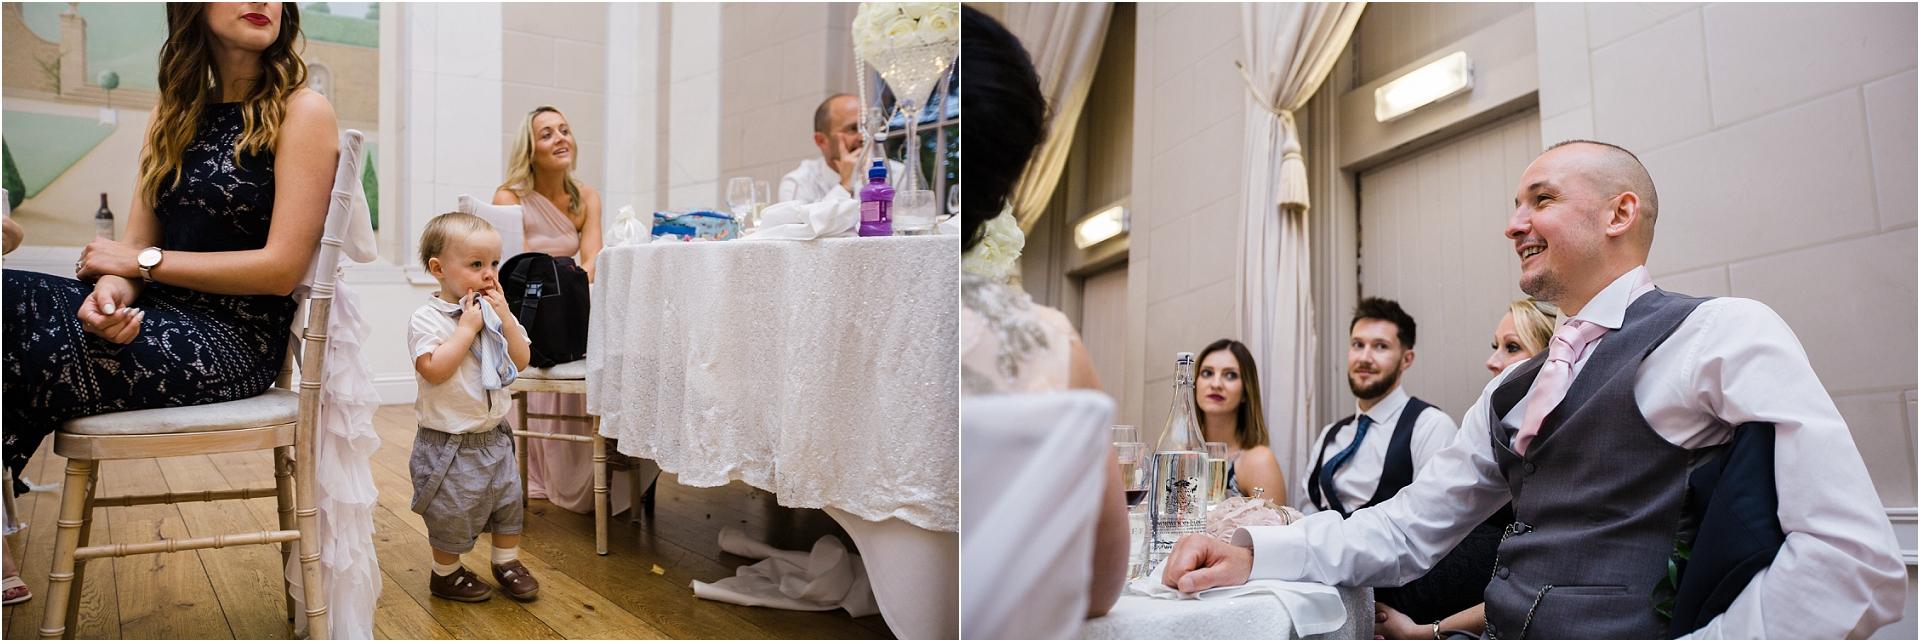 wedding-photography-norwood-park_0080